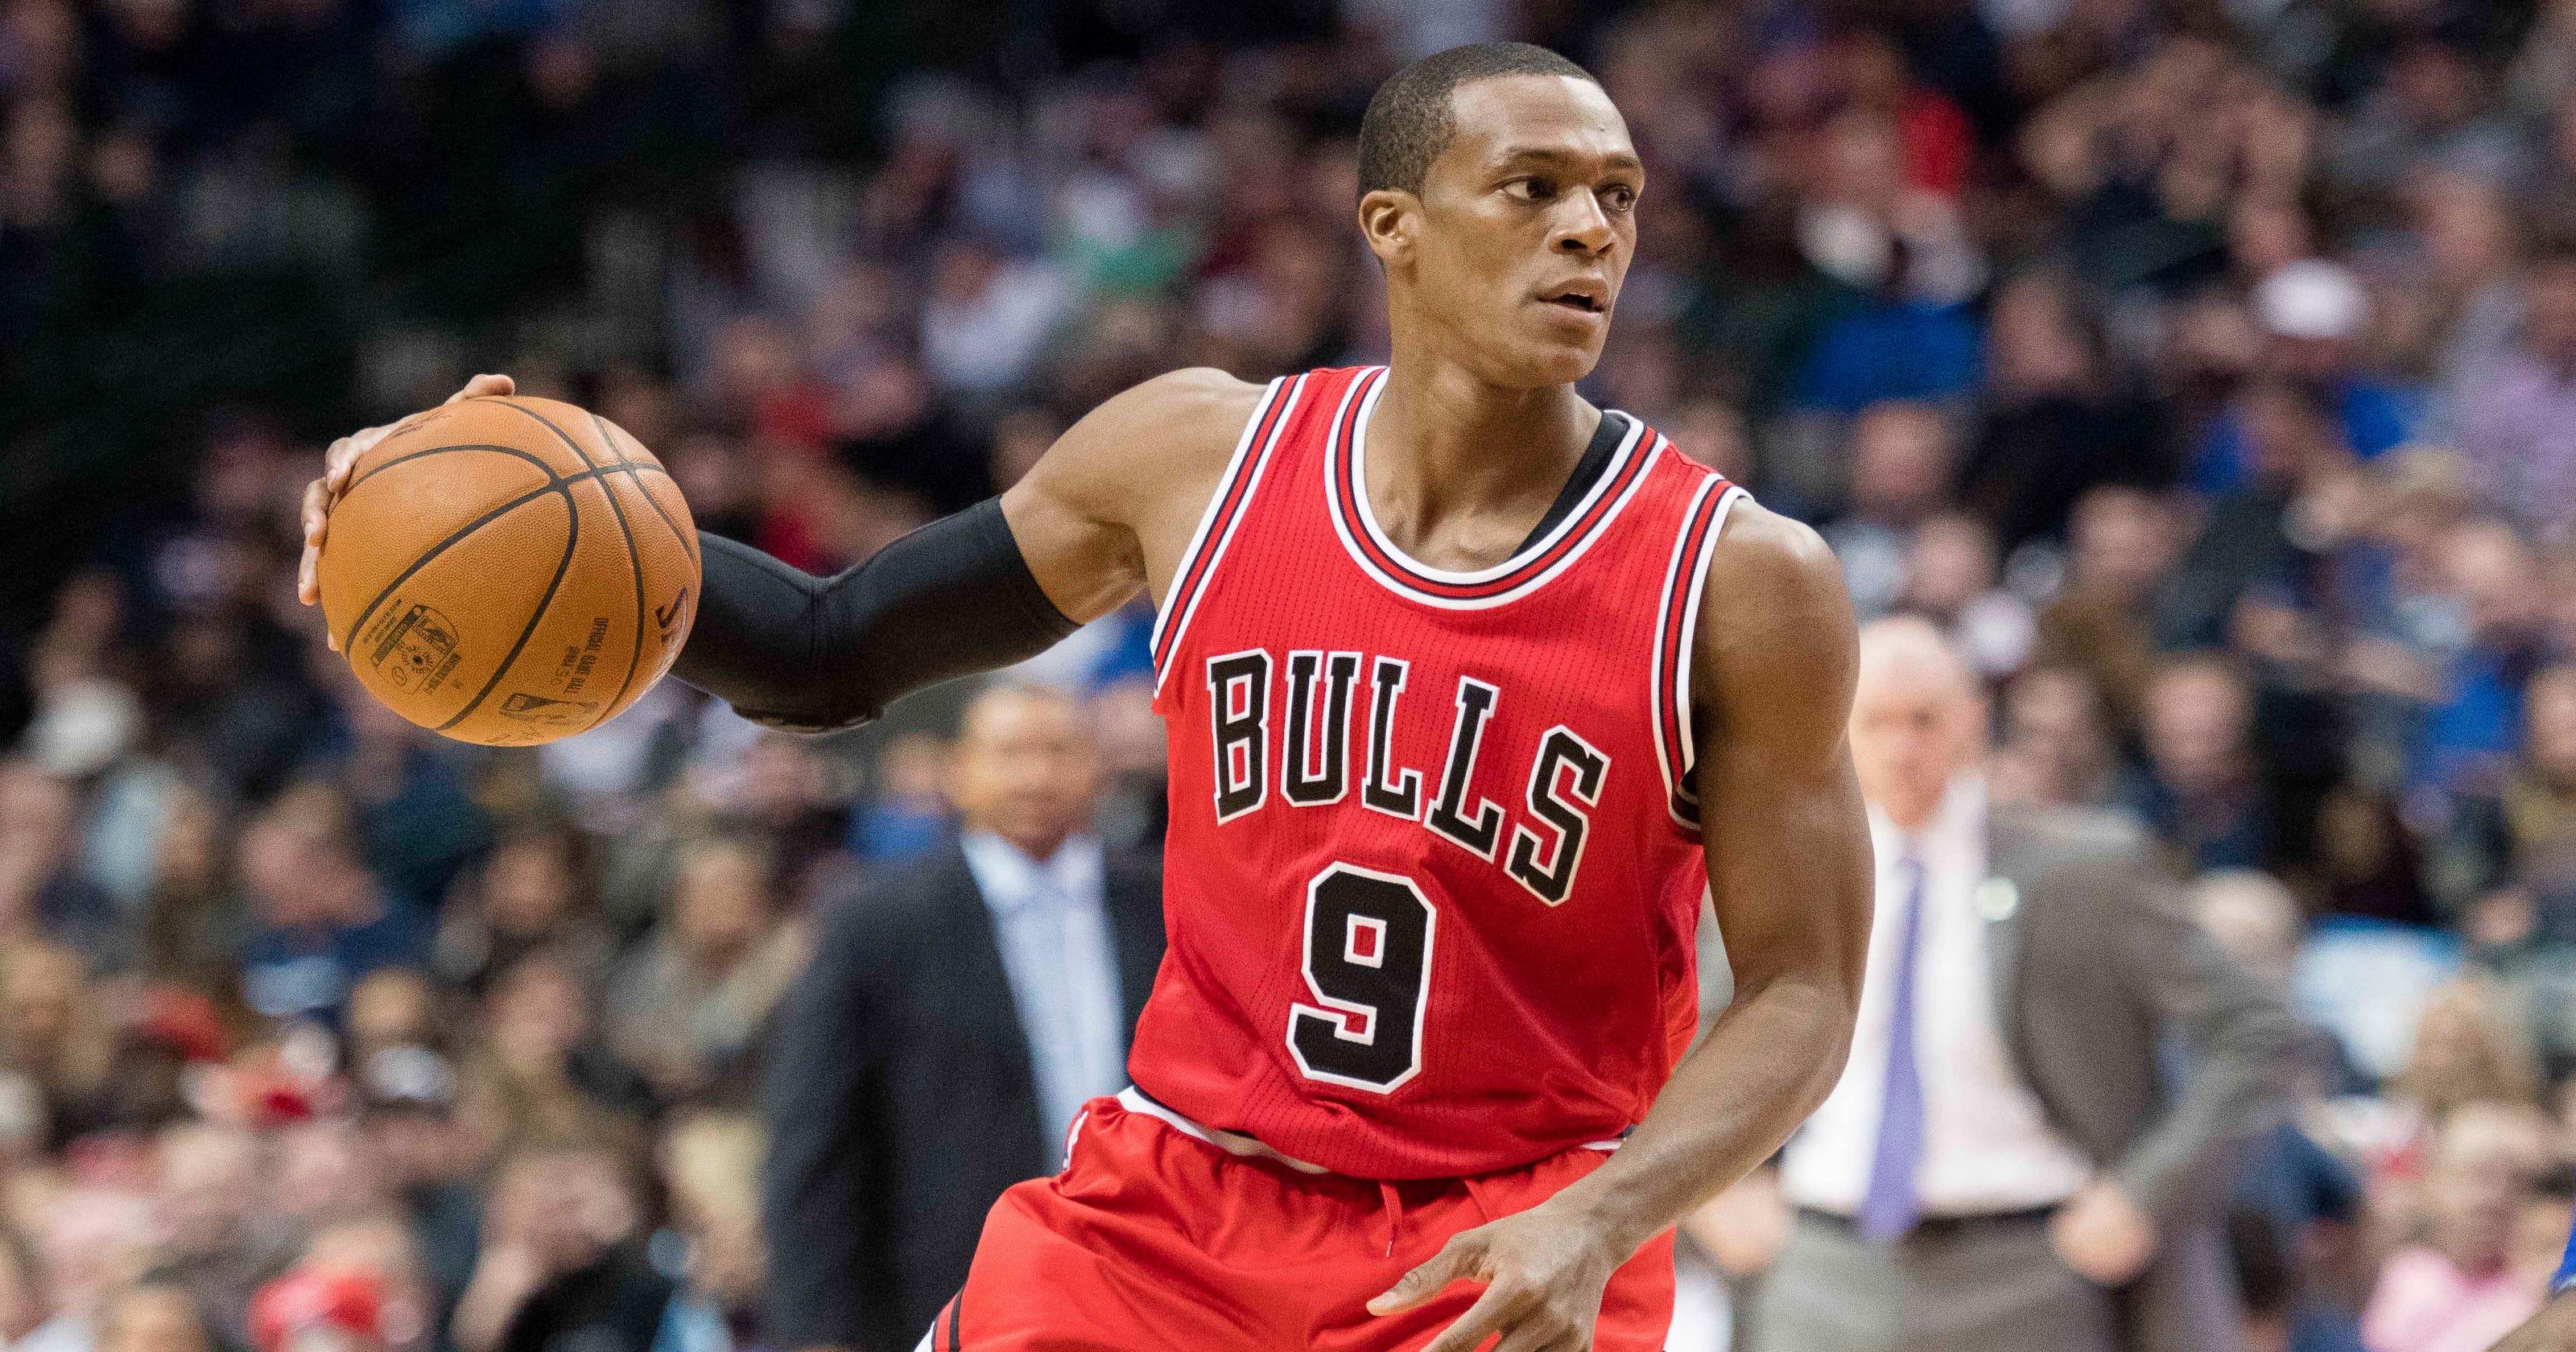 e2539c8e334 Bulls suspend Rajon Rondo one game for conduct detrimental to team